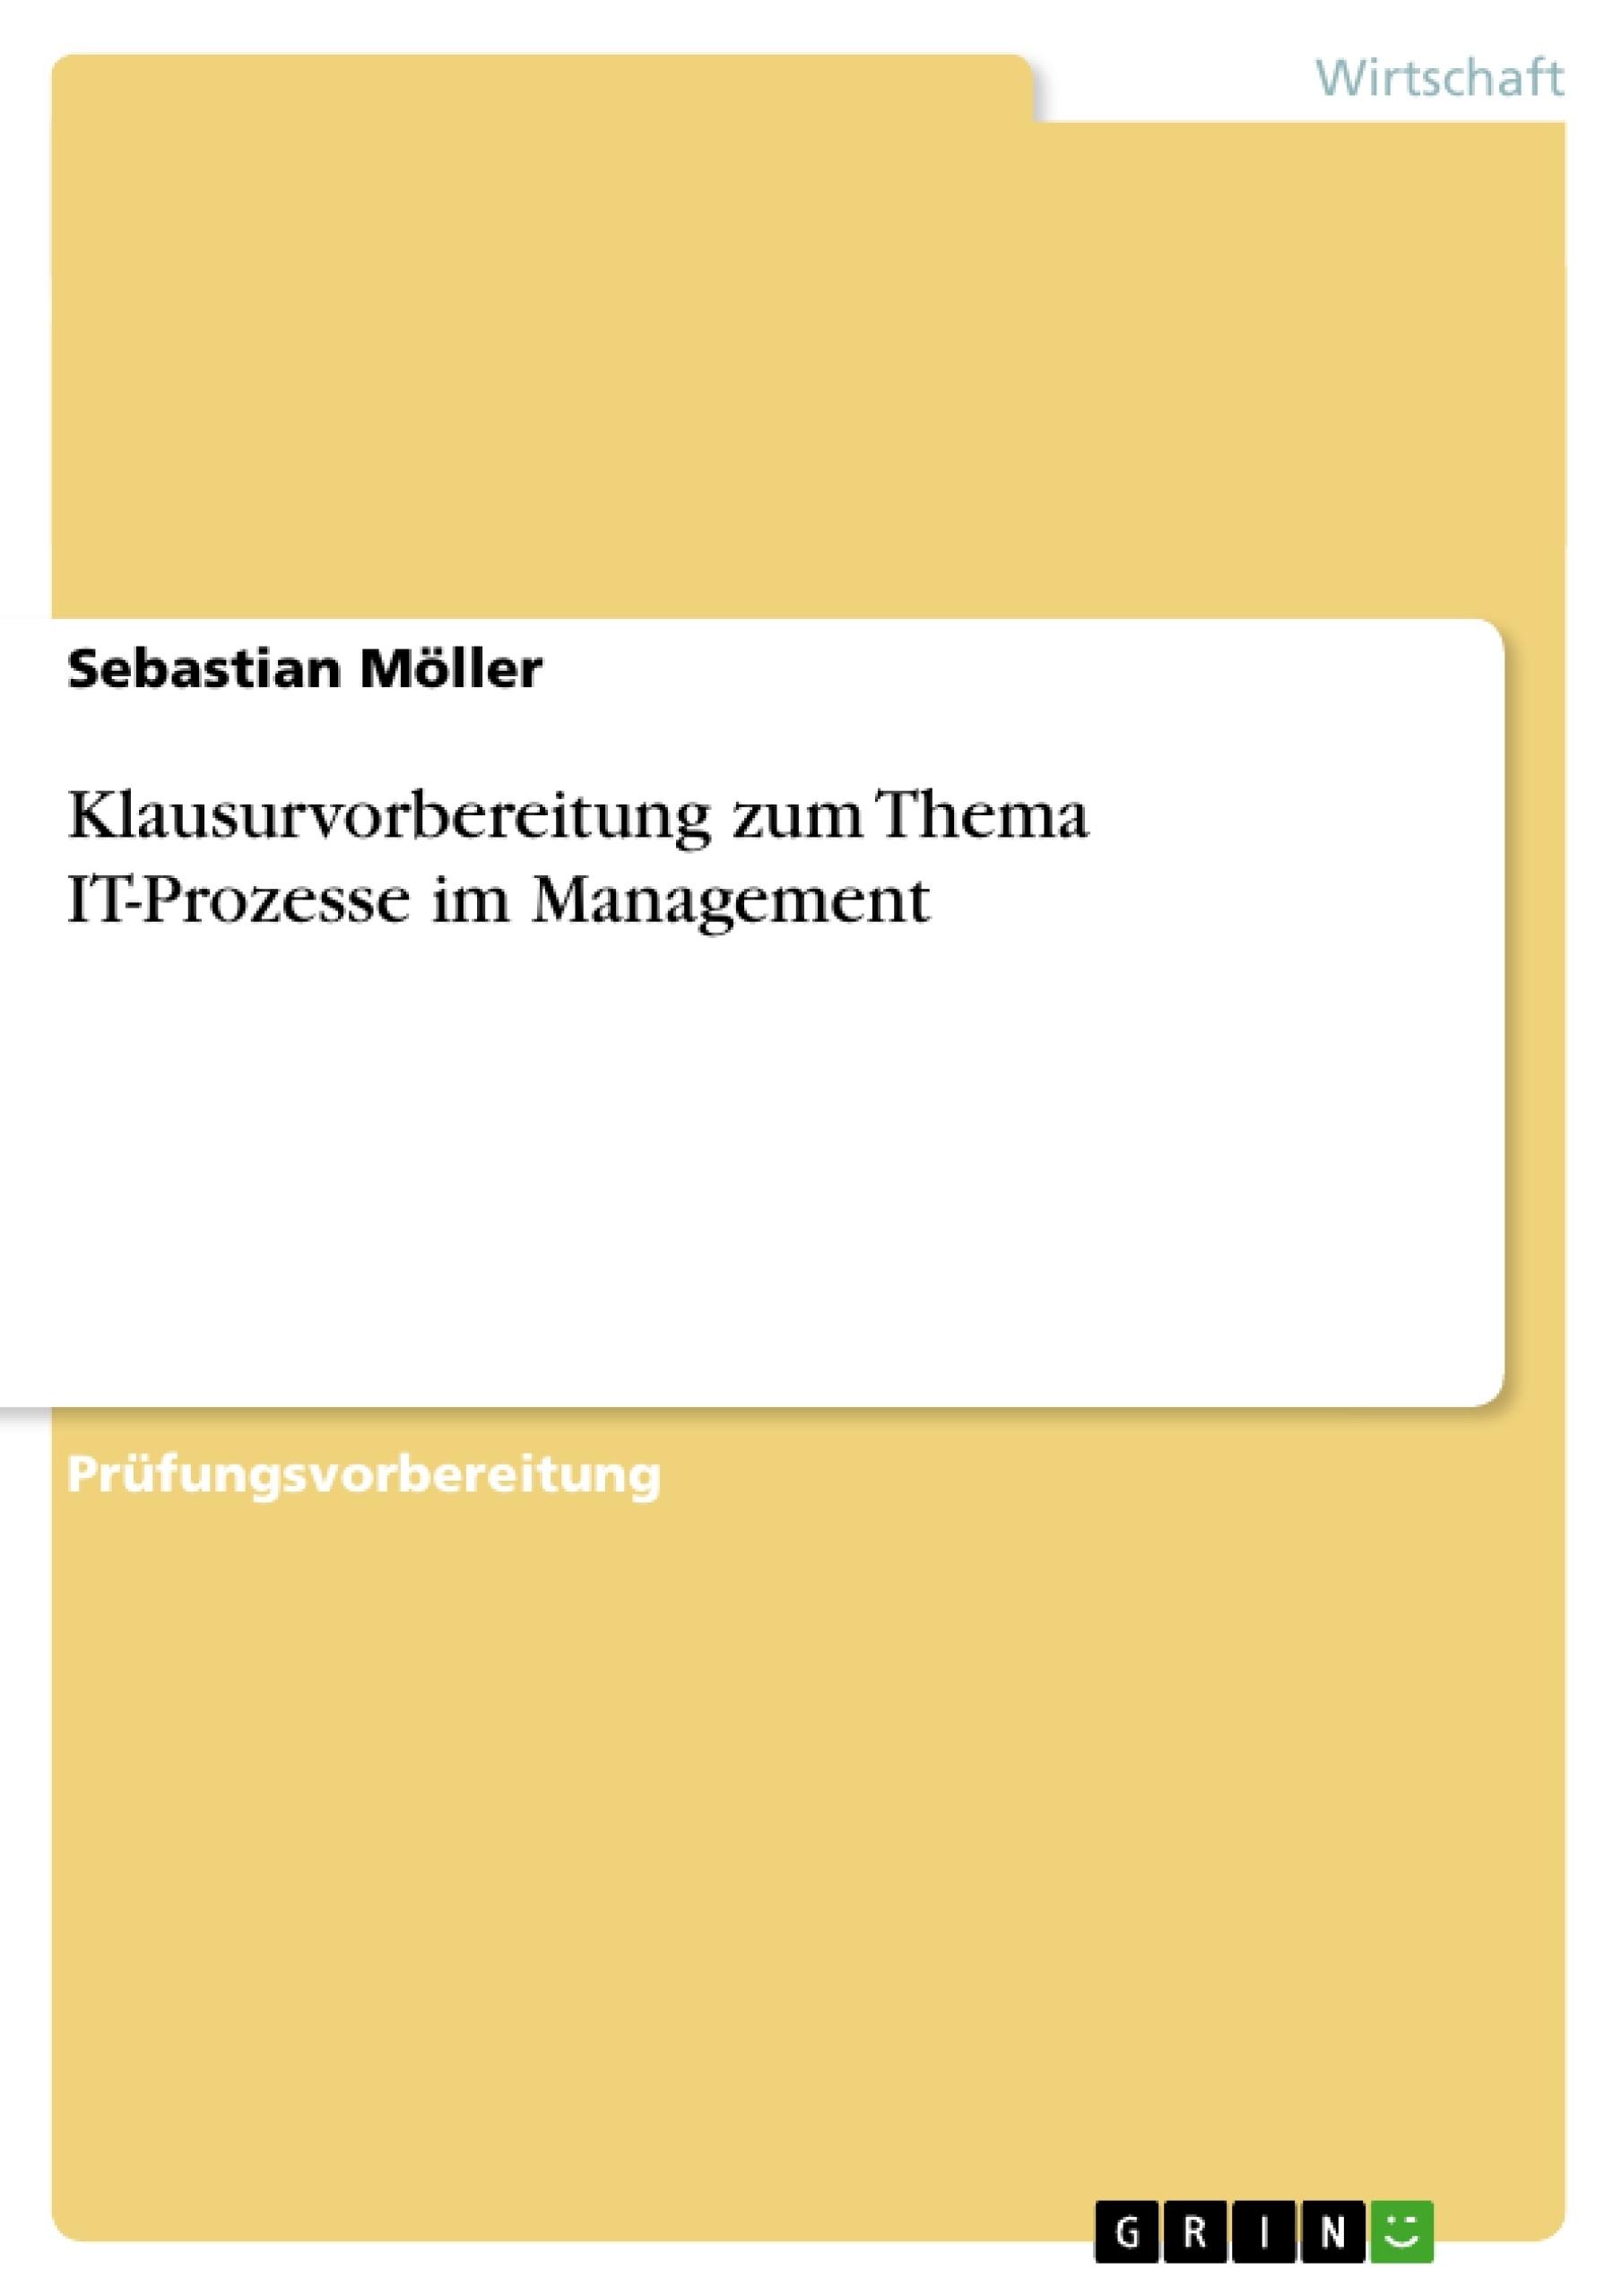 Titel: Klausurvorbereitung zum Thema IT-Prozesse im Management